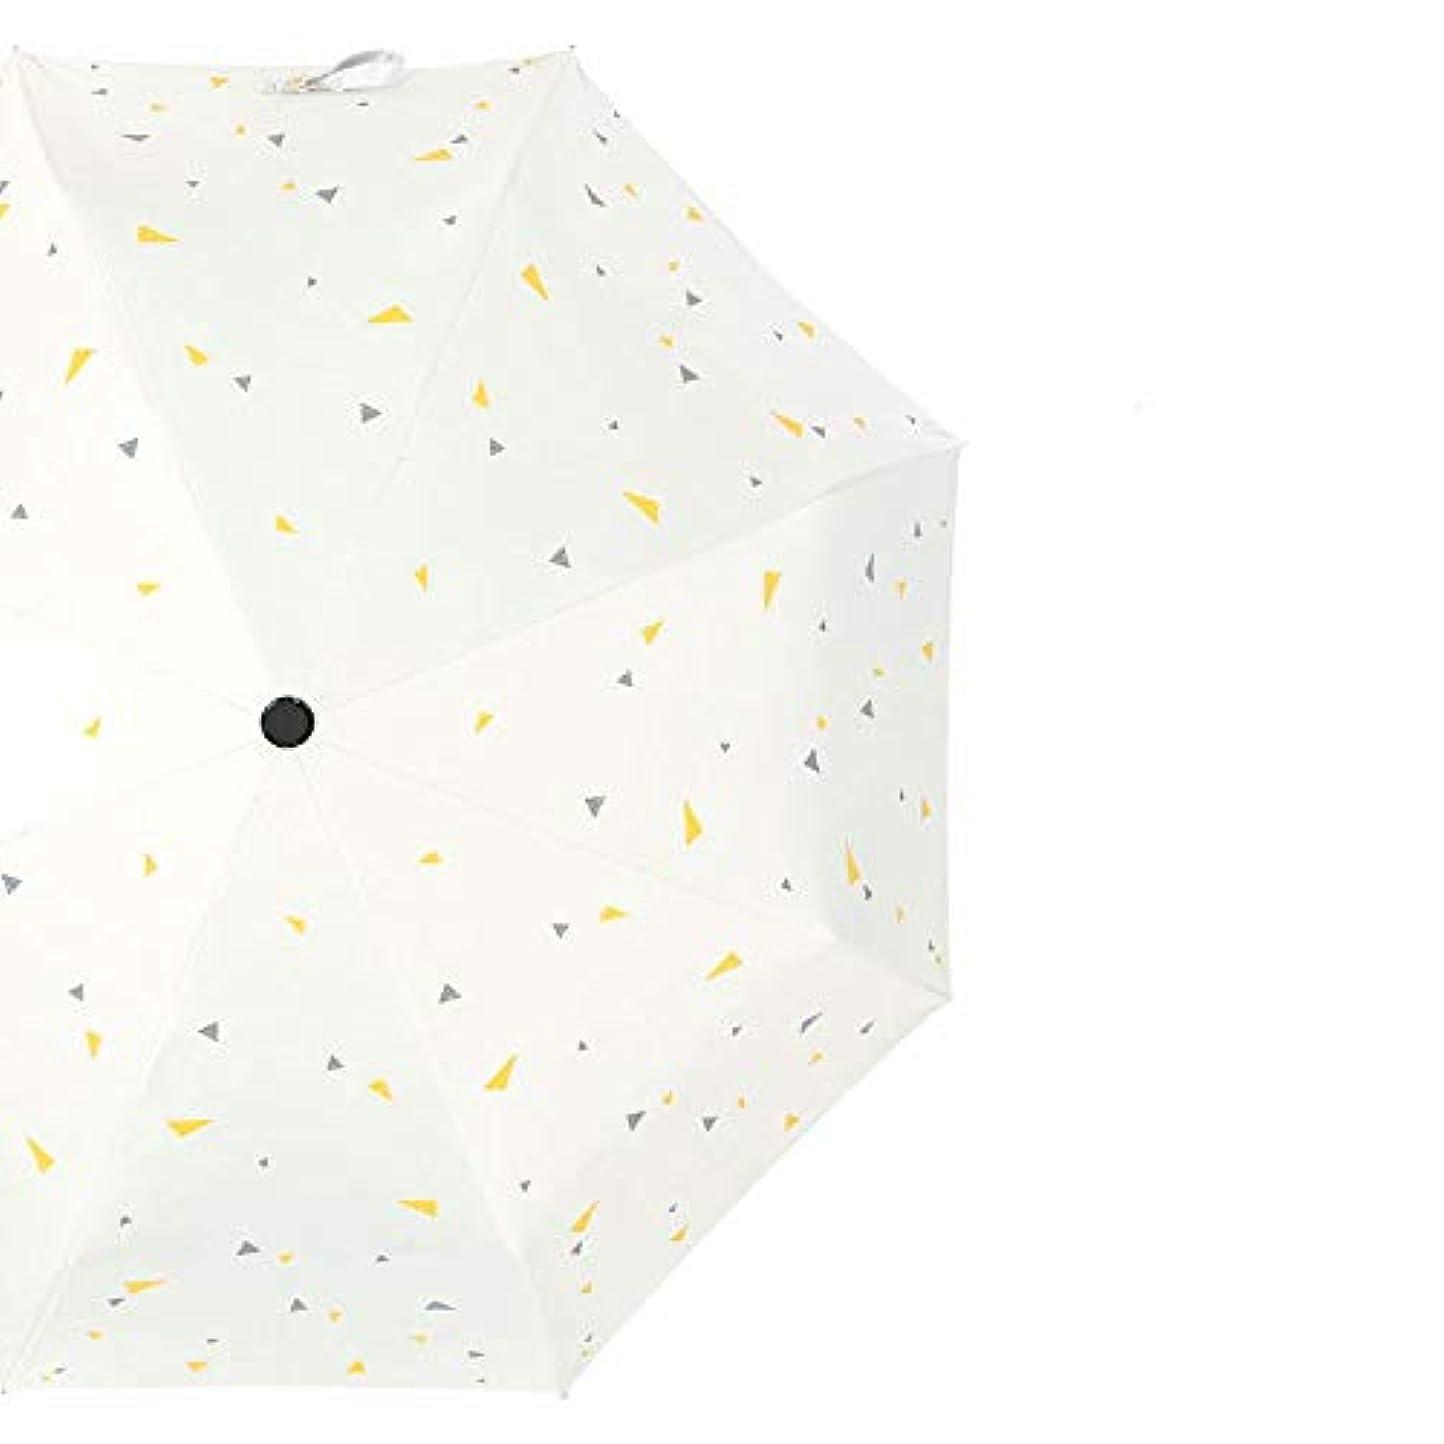 オープニング歌感度メンズ傘、三つ折りサンシェードアンチUV日傘、あなたはあなたとそれを運ぶことができます,White